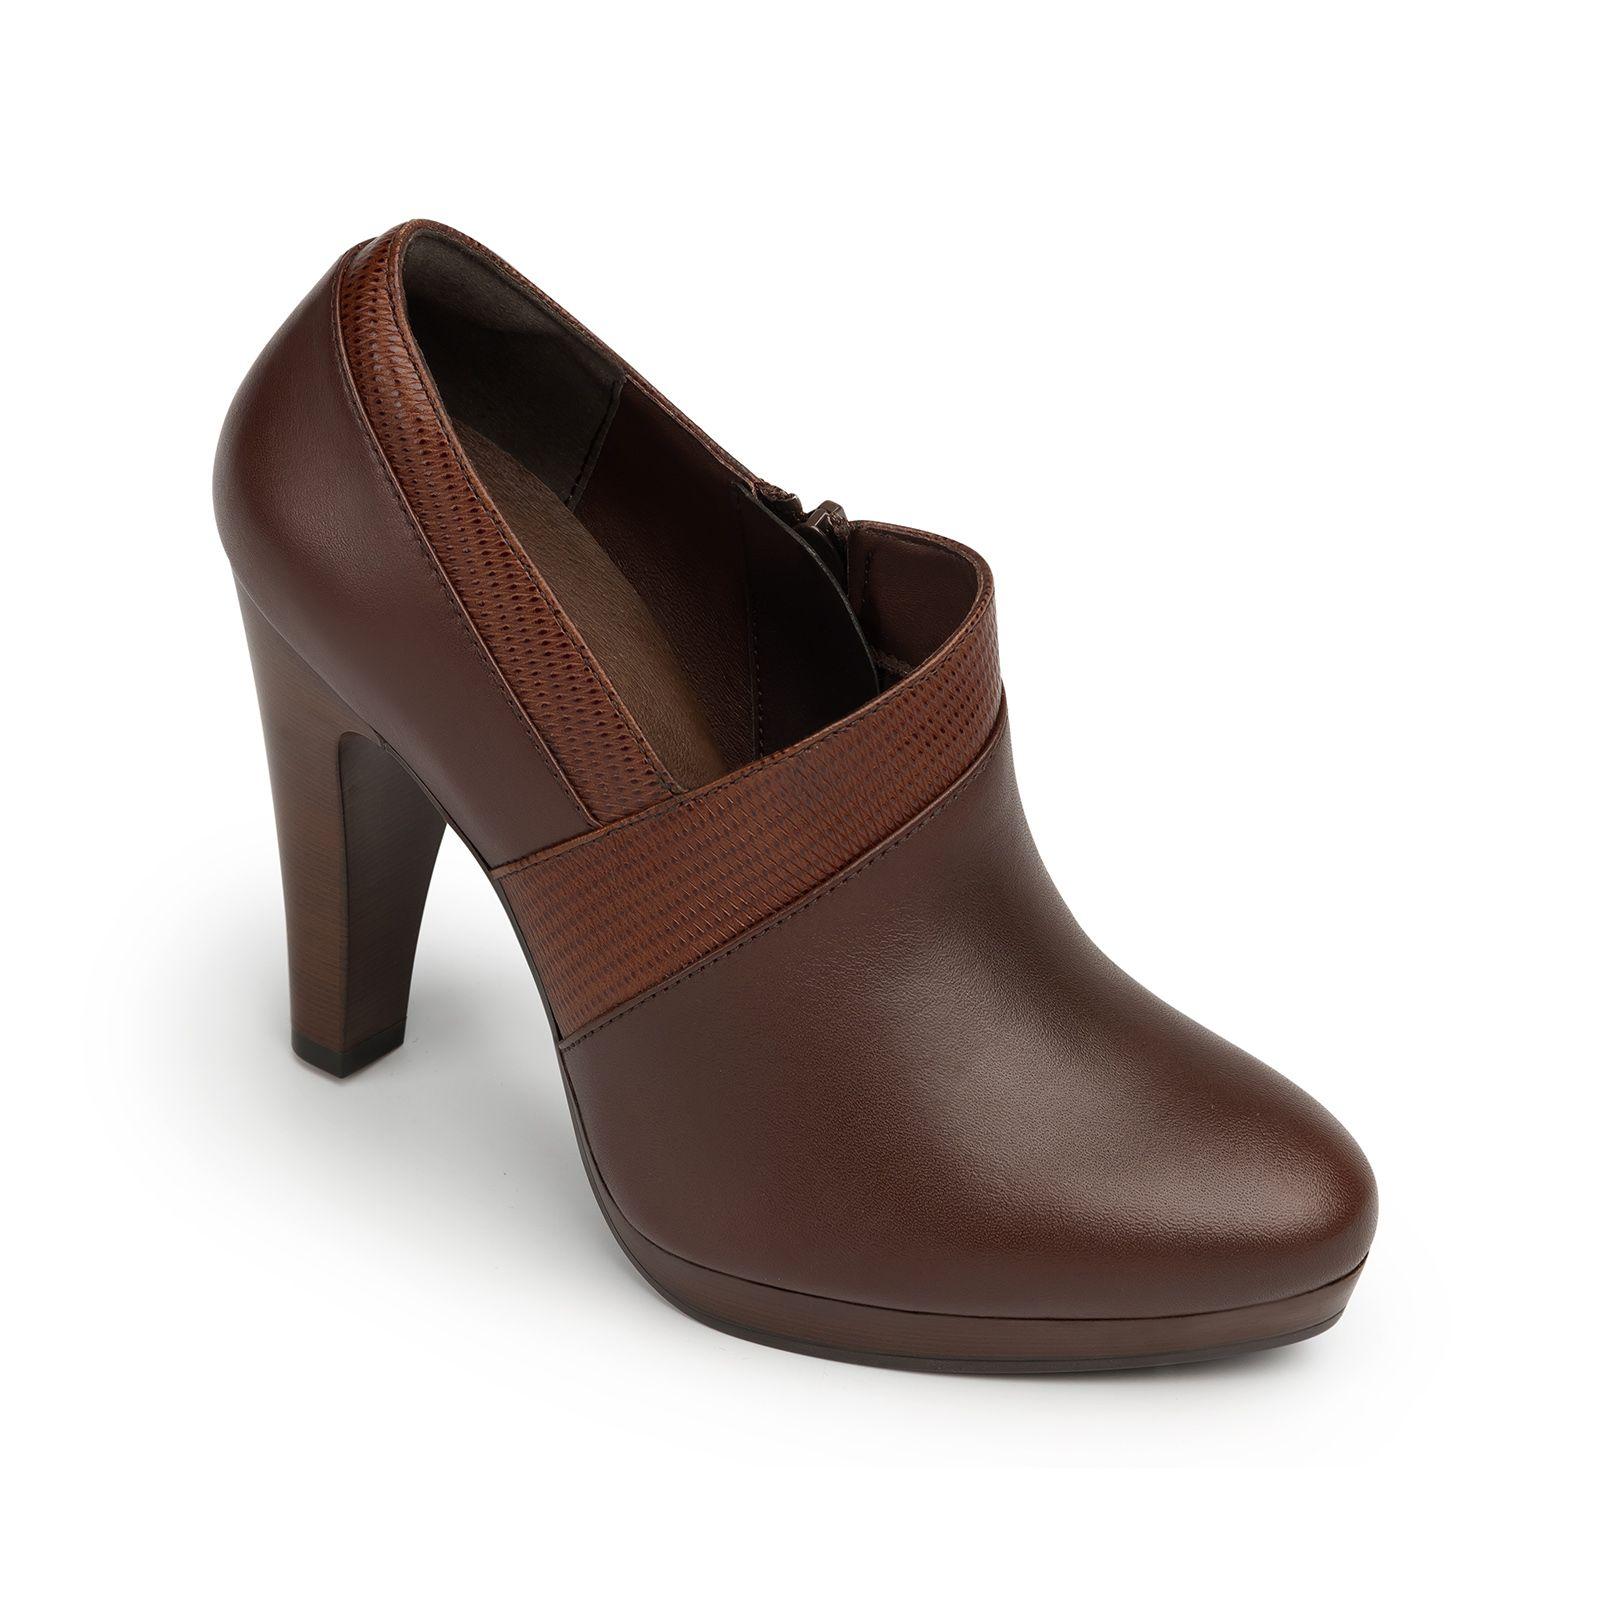 Venta de zapatos para toda la familia